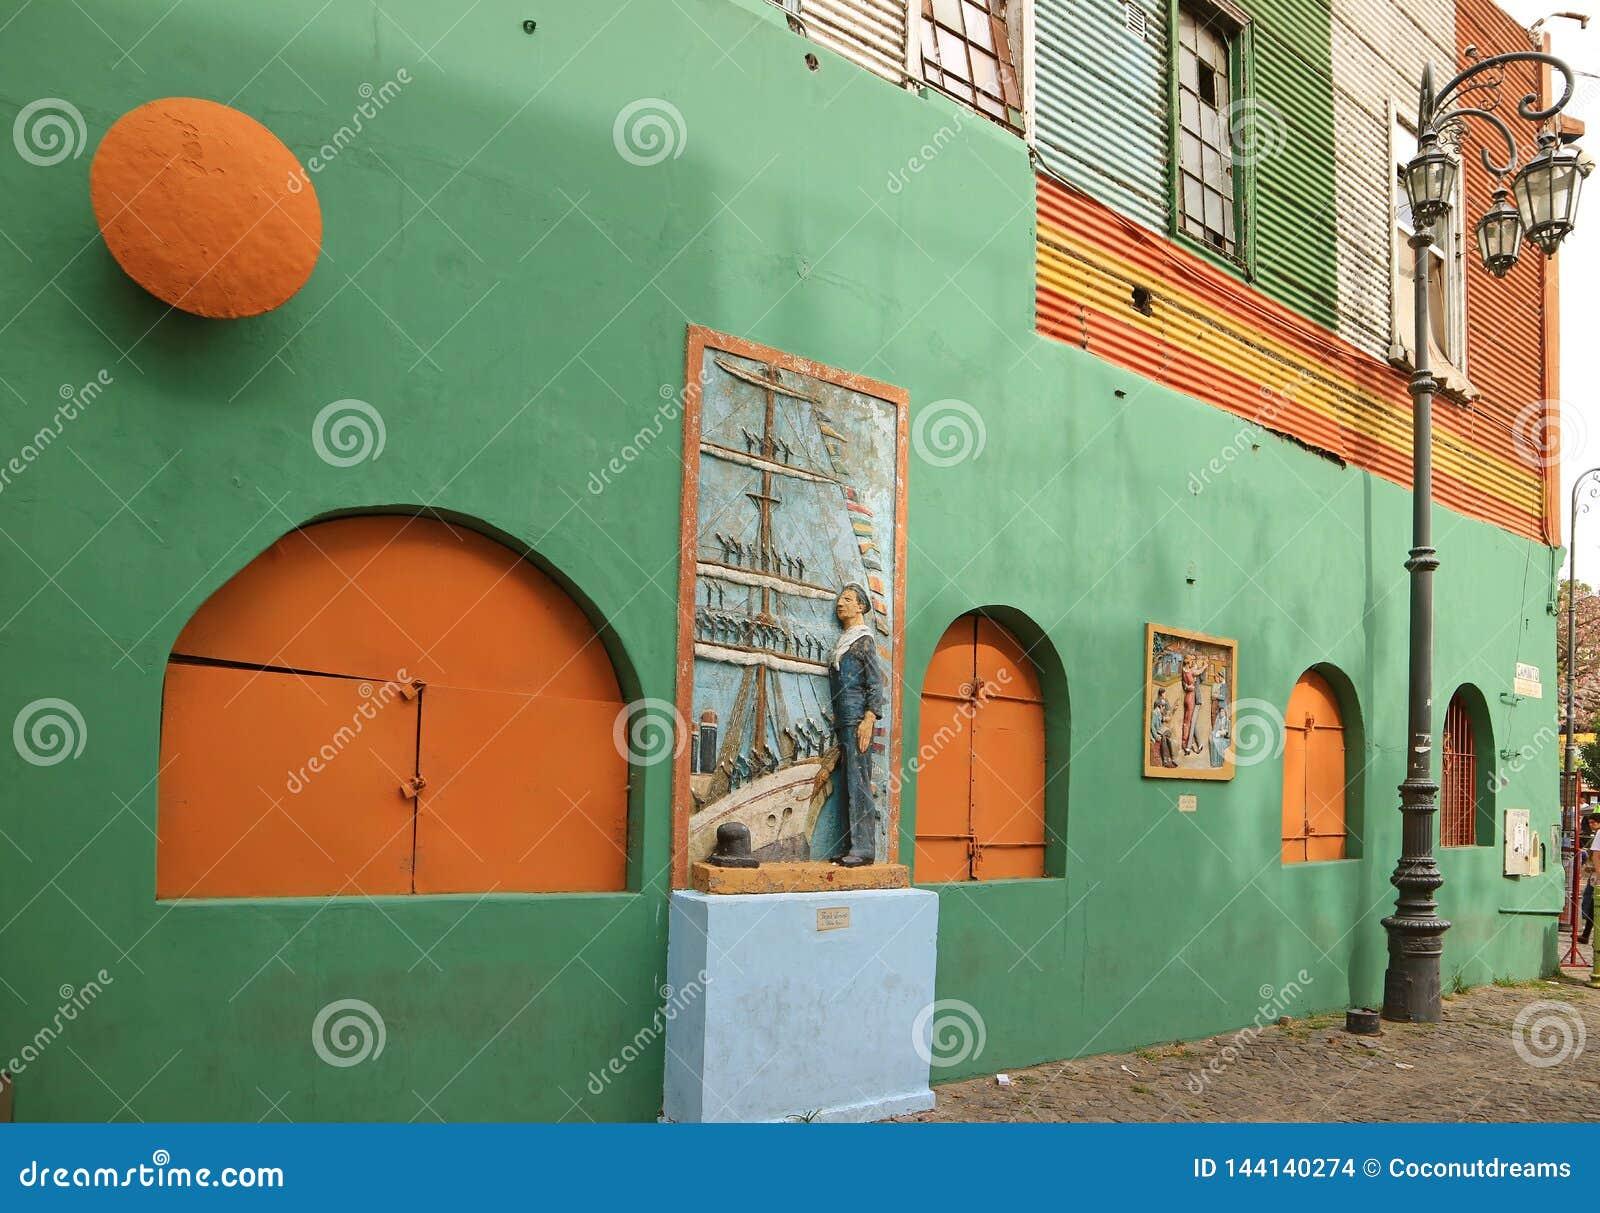 Het Oude Gebouw op Caminito-Steeg van La Boca Neighborhood, een Populaire Toeristenbestemming in Buenos aires, Argentinië